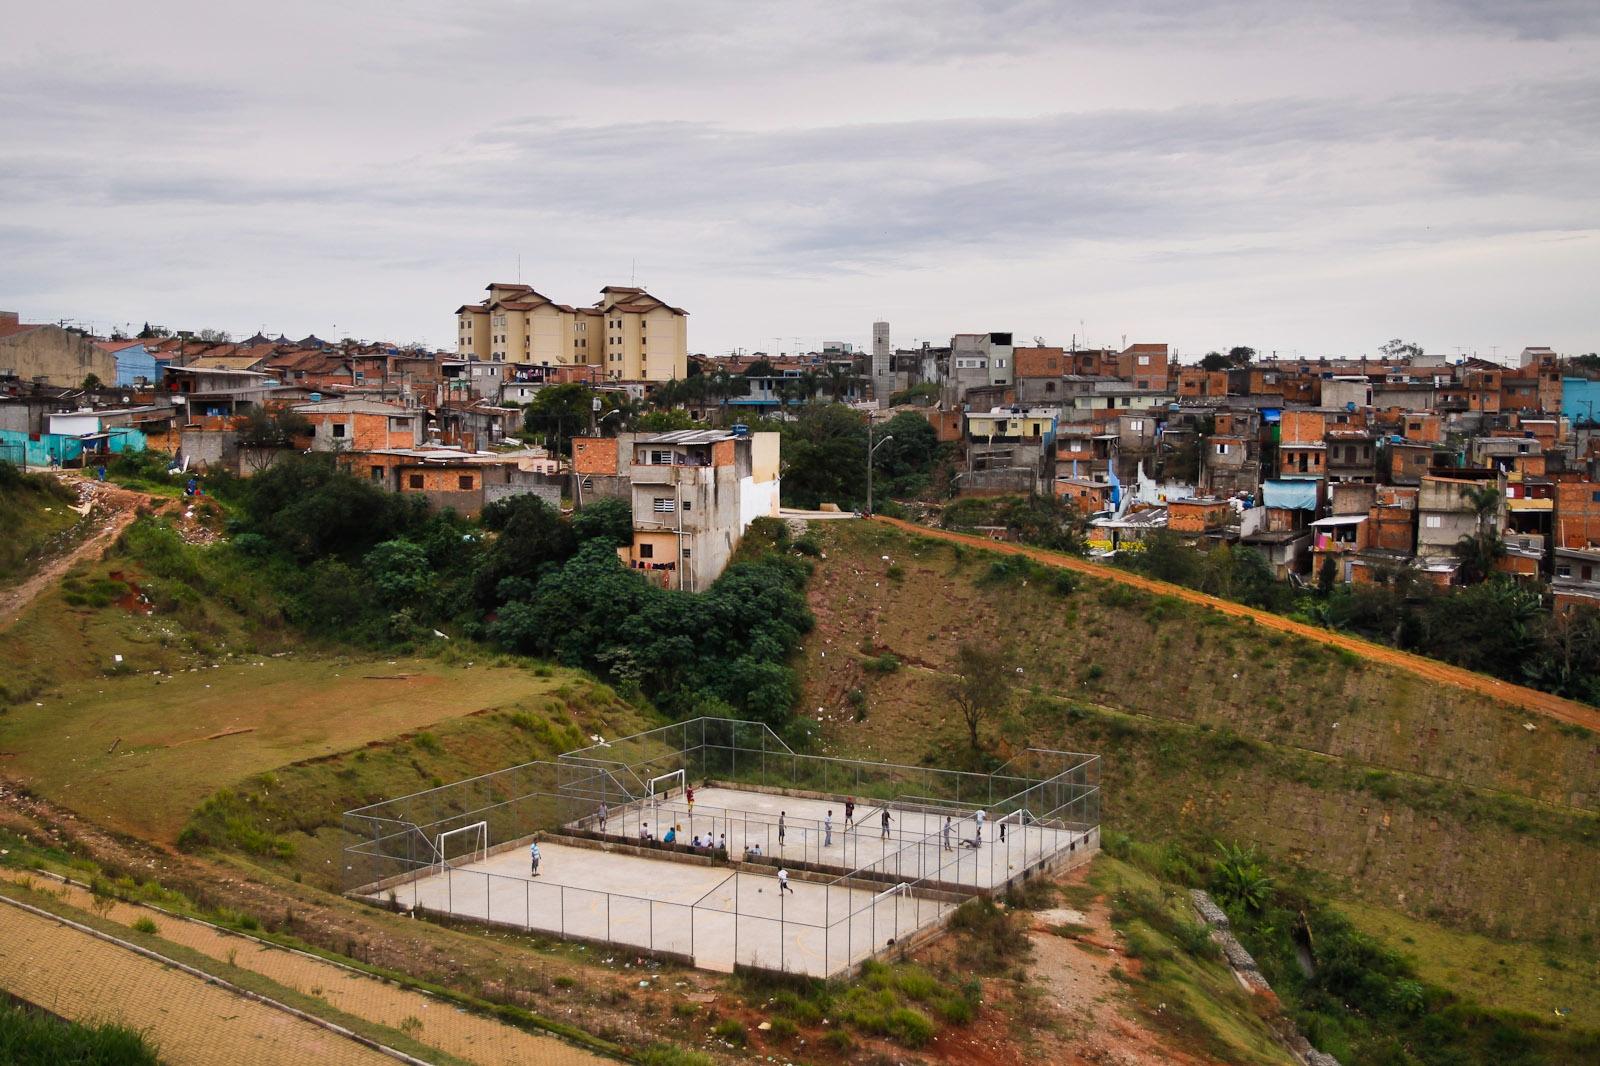 Periferia de São Paulo / Outskirts of São Paulo